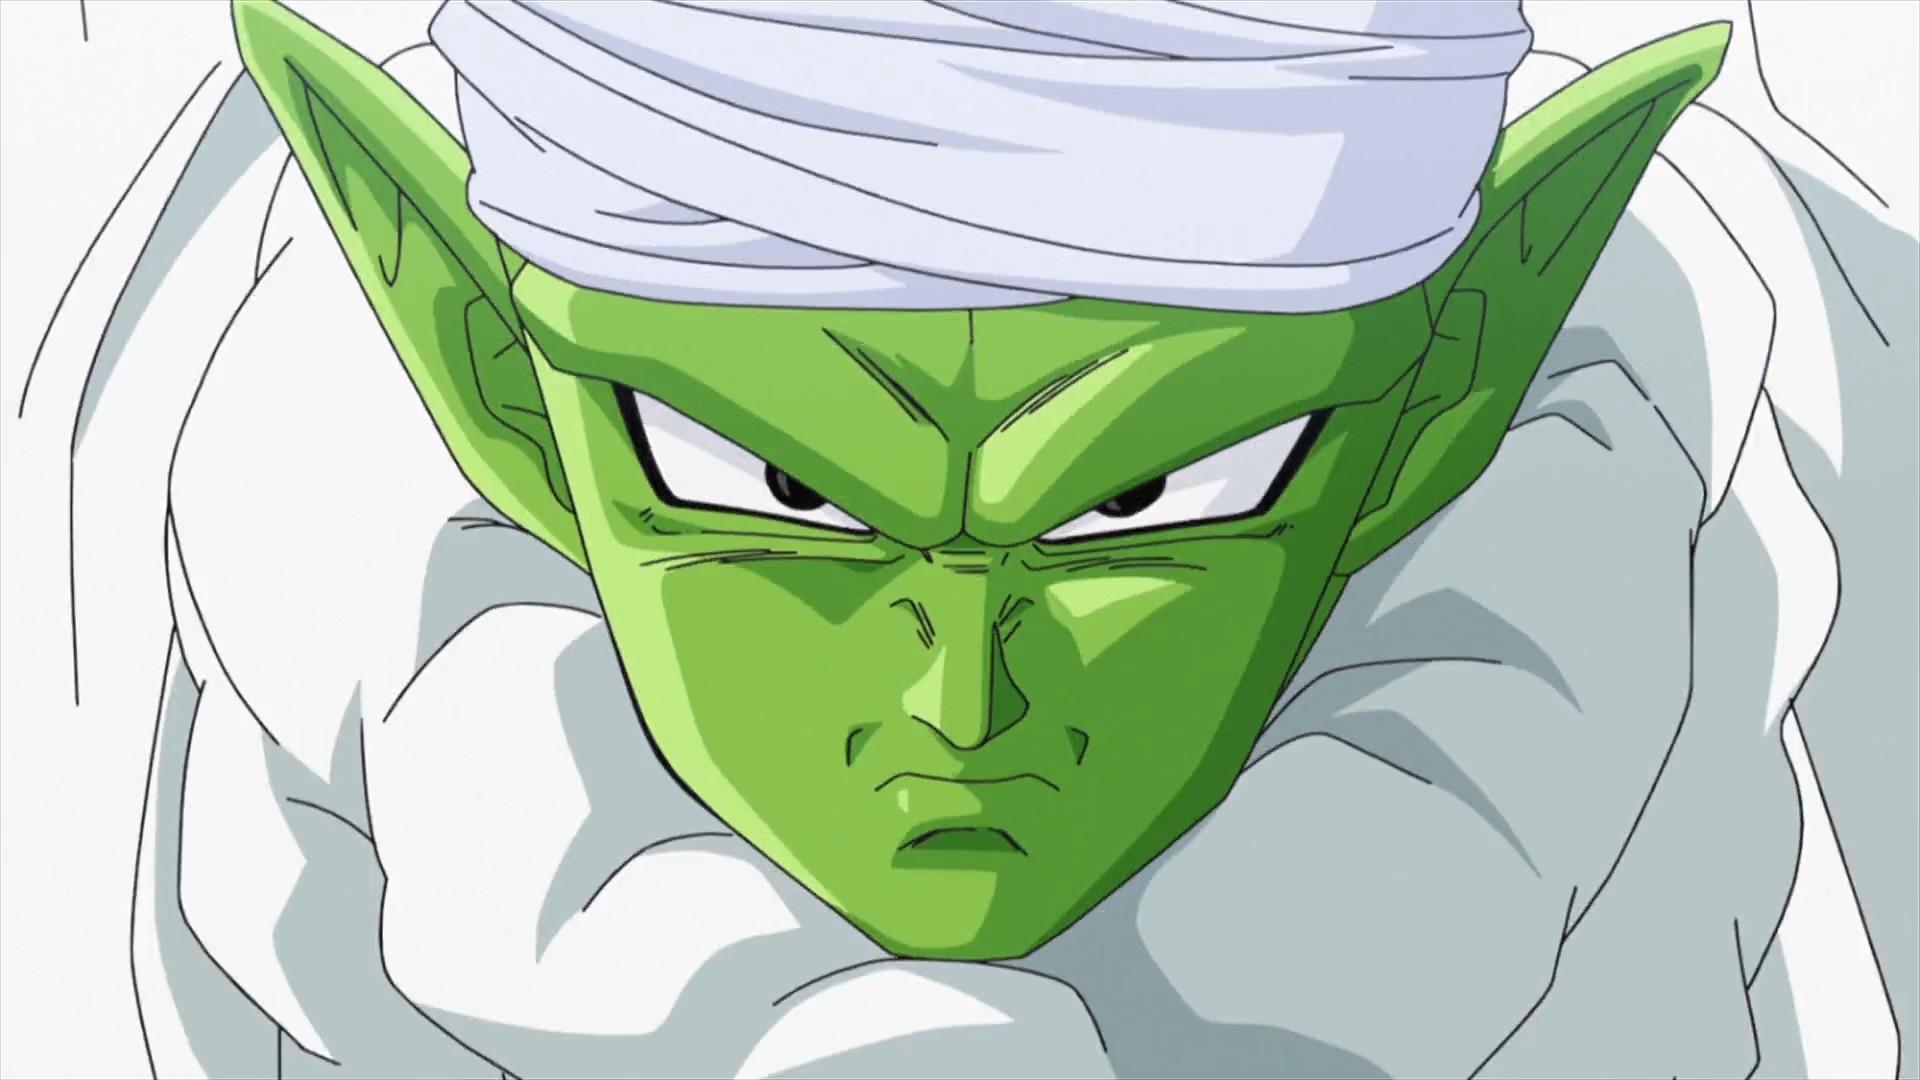 Piccolo Jr. (ピッコロ・ジュニア)